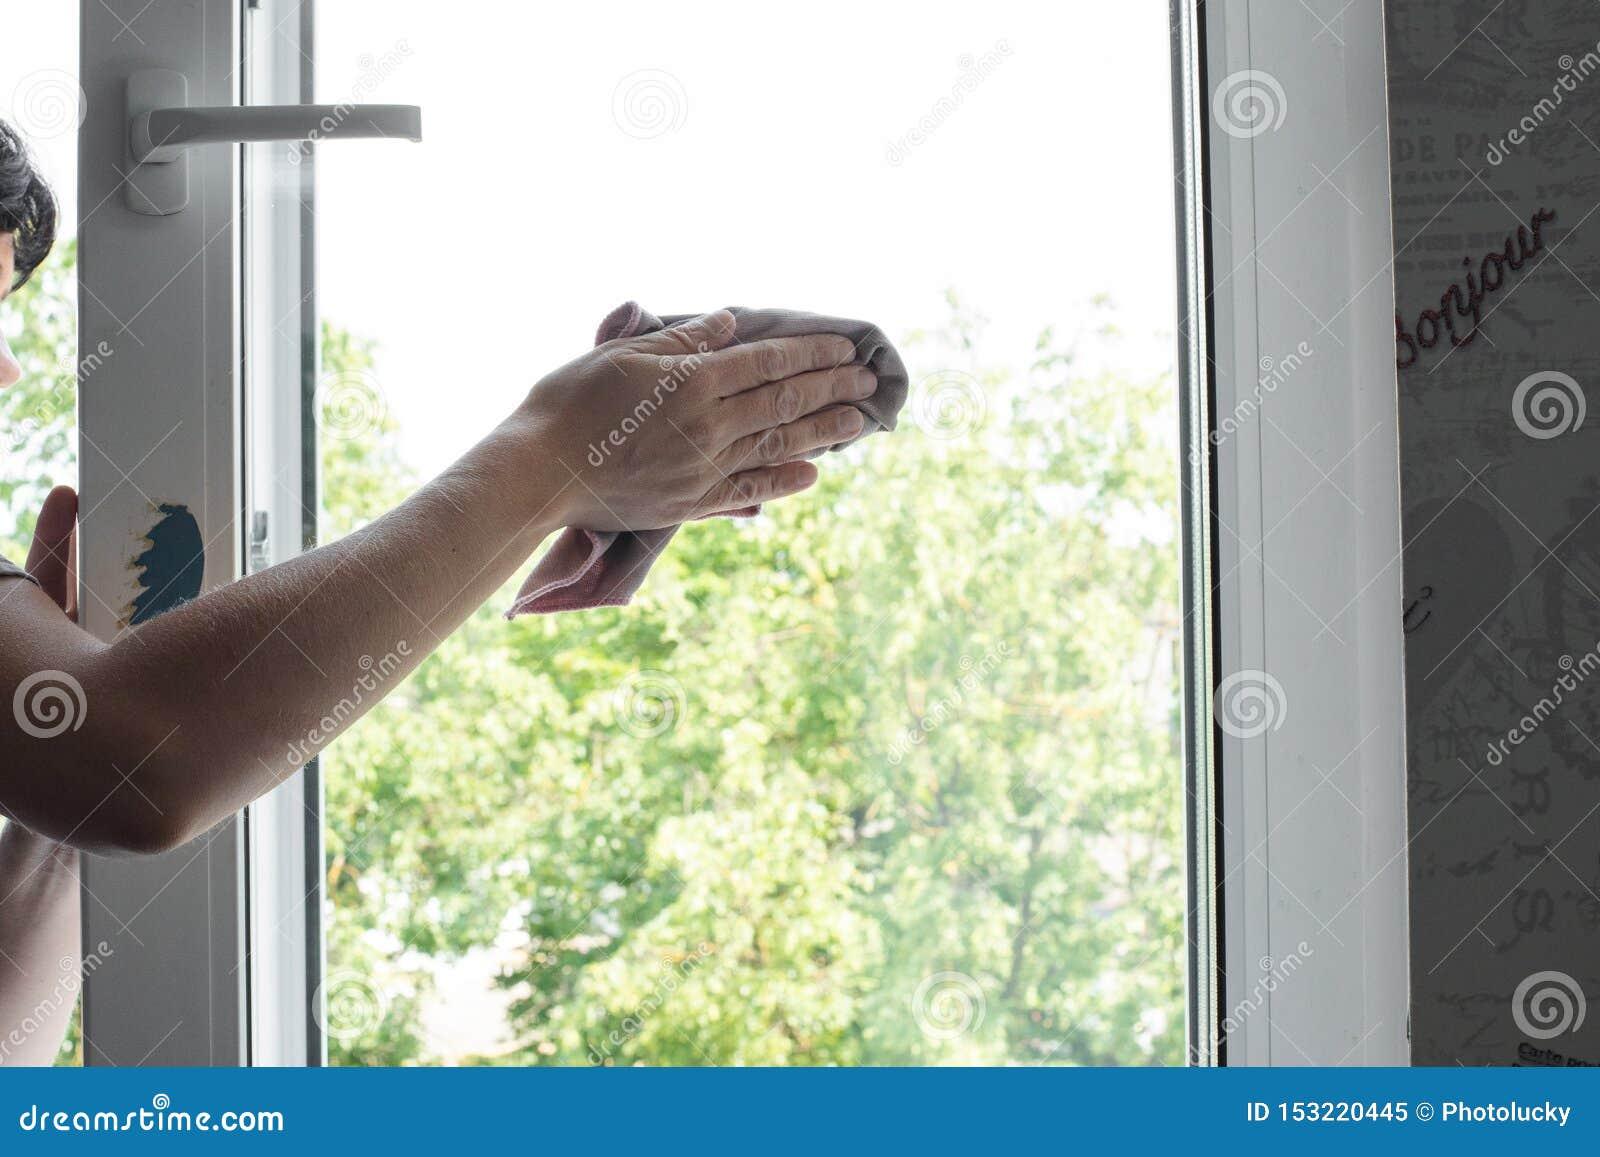 Travailleur de sexe masculin gardant le chiffon à disposition et essuyant la fenêtre